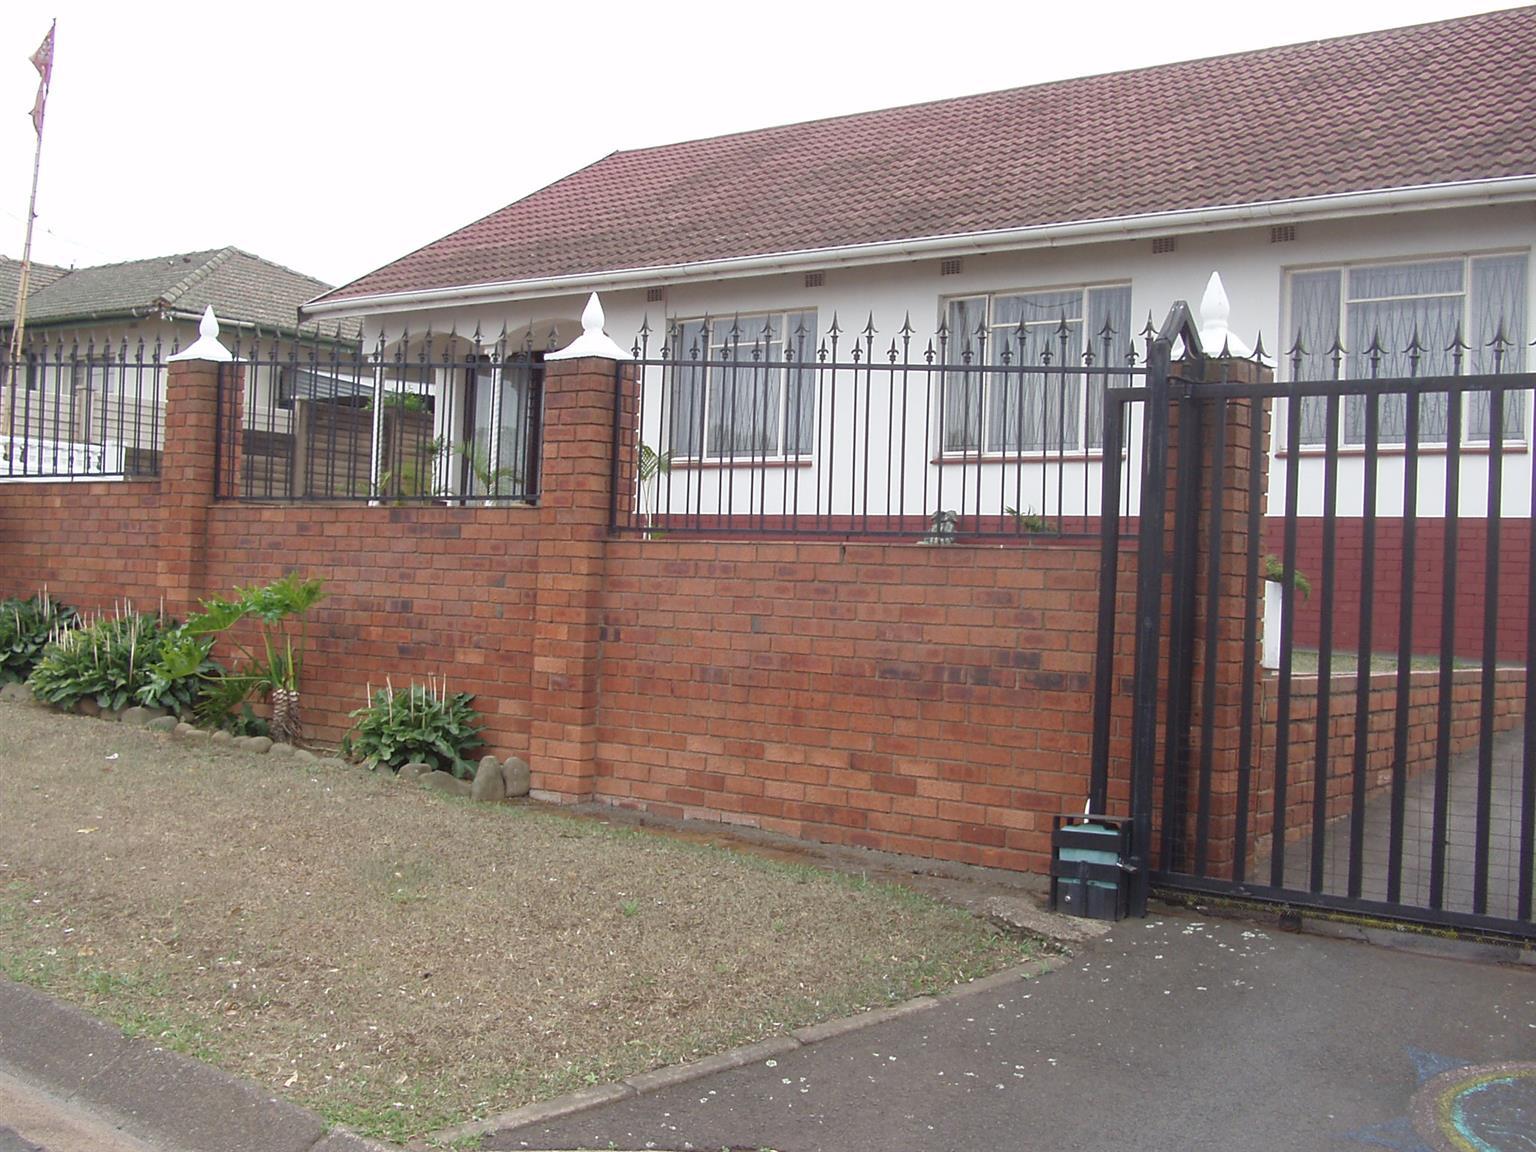 Beautiful 4 bedroom House - In a sort after area in Pietermaritzburg.